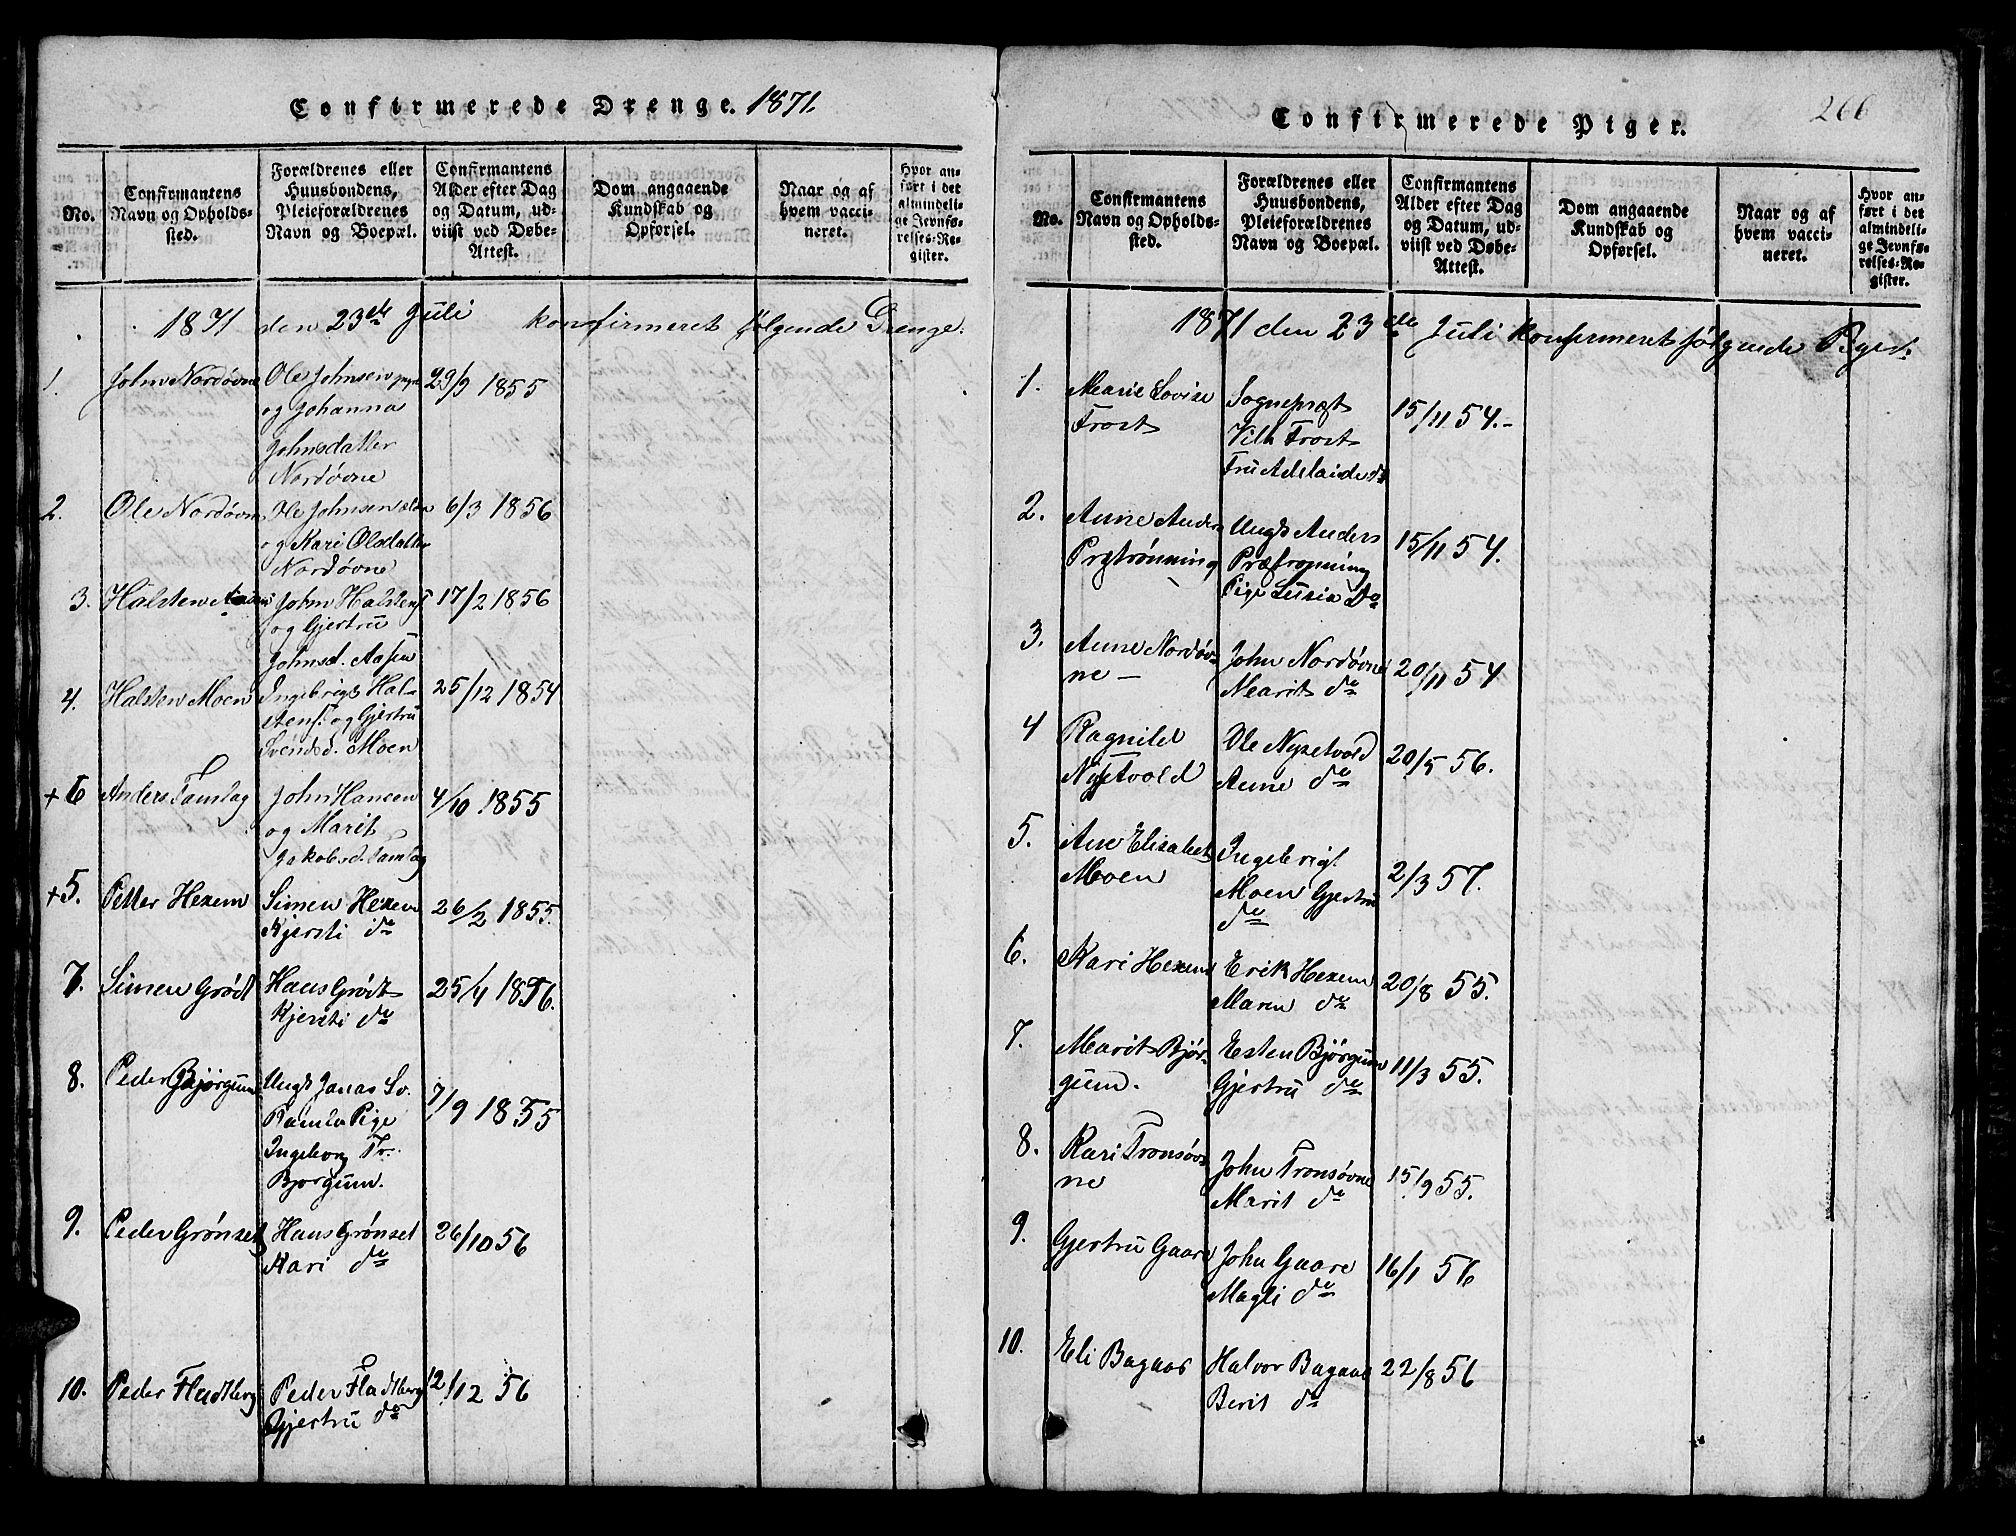 SAT, Ministerialprotokoller, klokkerbøker og fødselsregistre - Sør-Trøndelag, 685/L0976: Klokkerbok nr. 685C01, 1817-1878, s. 266